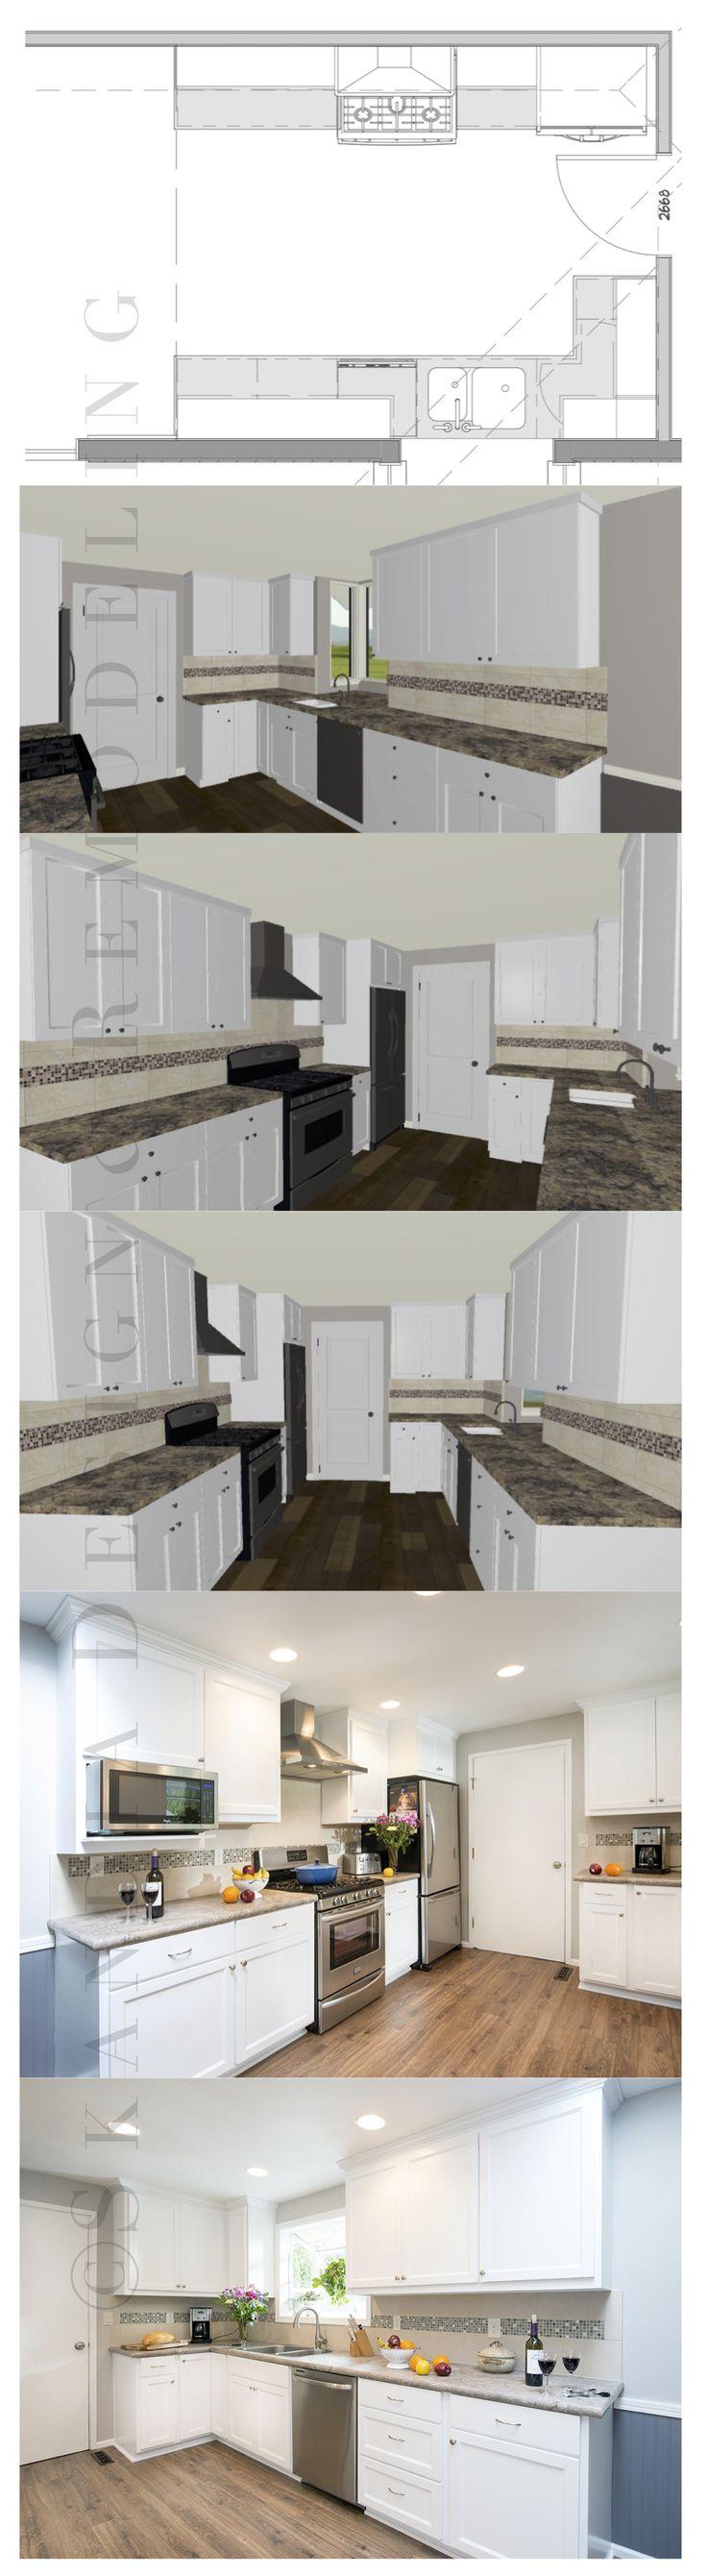 Best 36 Skandia Design & Remodeling Kitchen Renovations images on ...